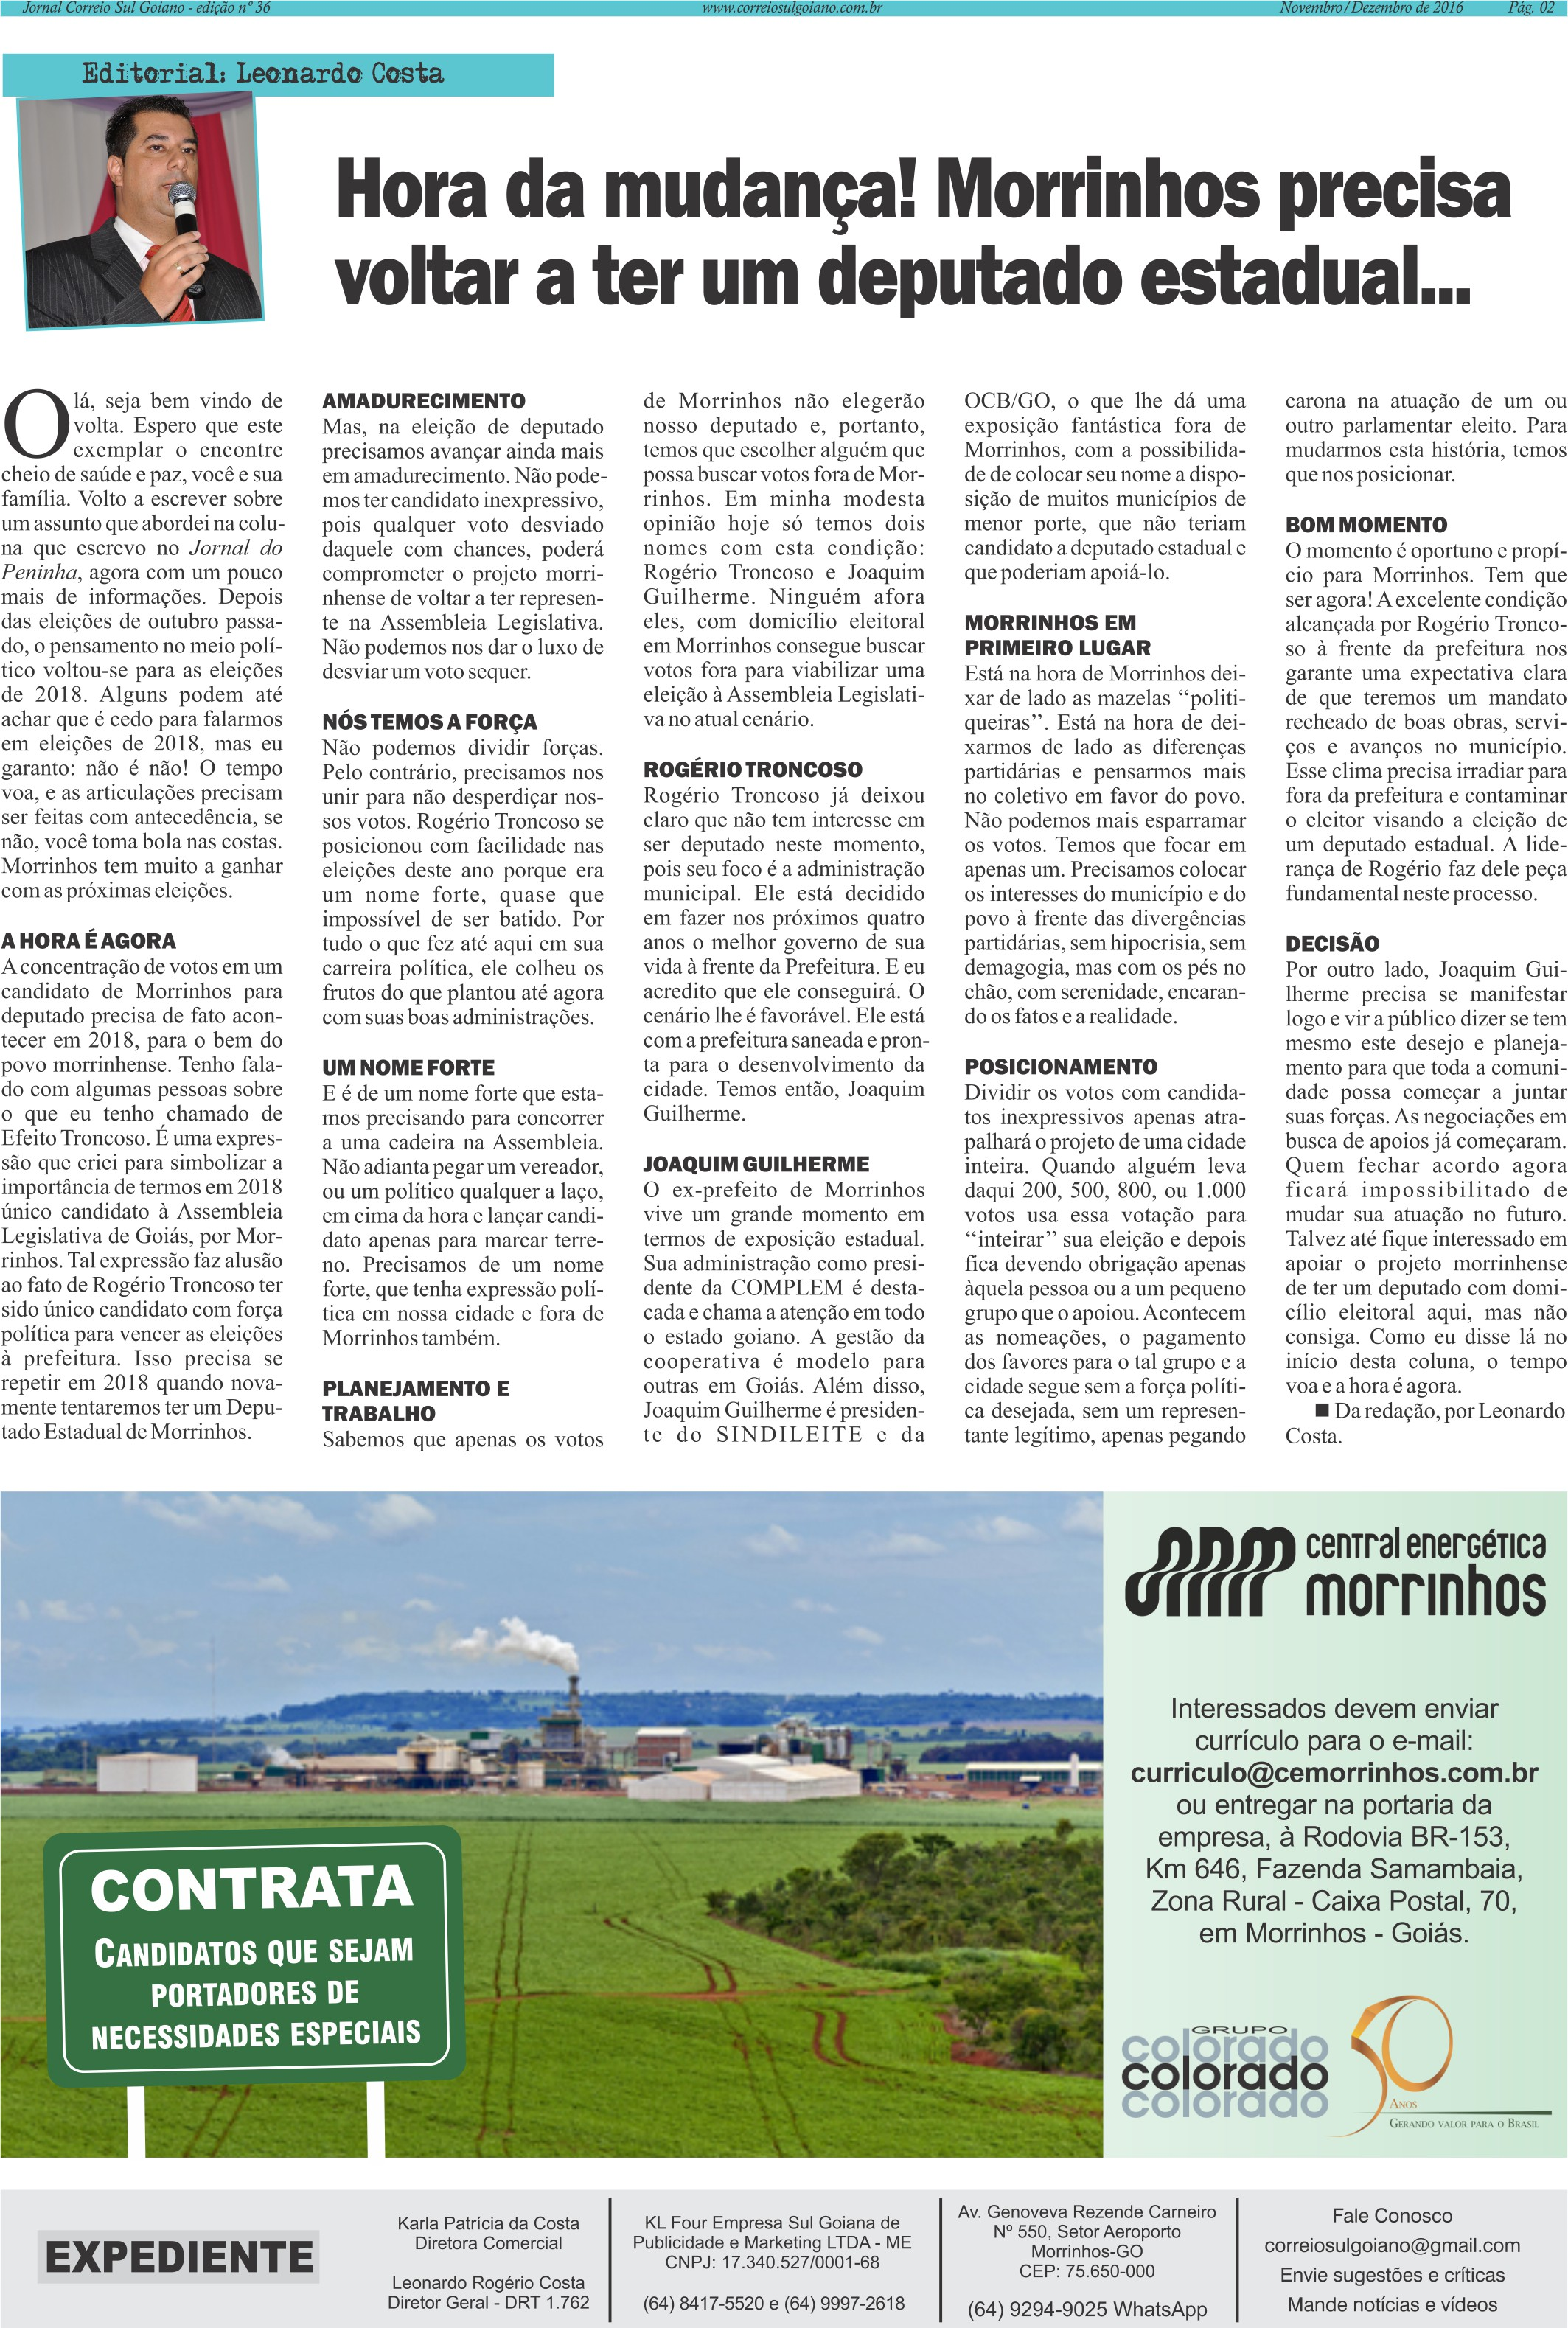 Edição nº 036 - Página 02